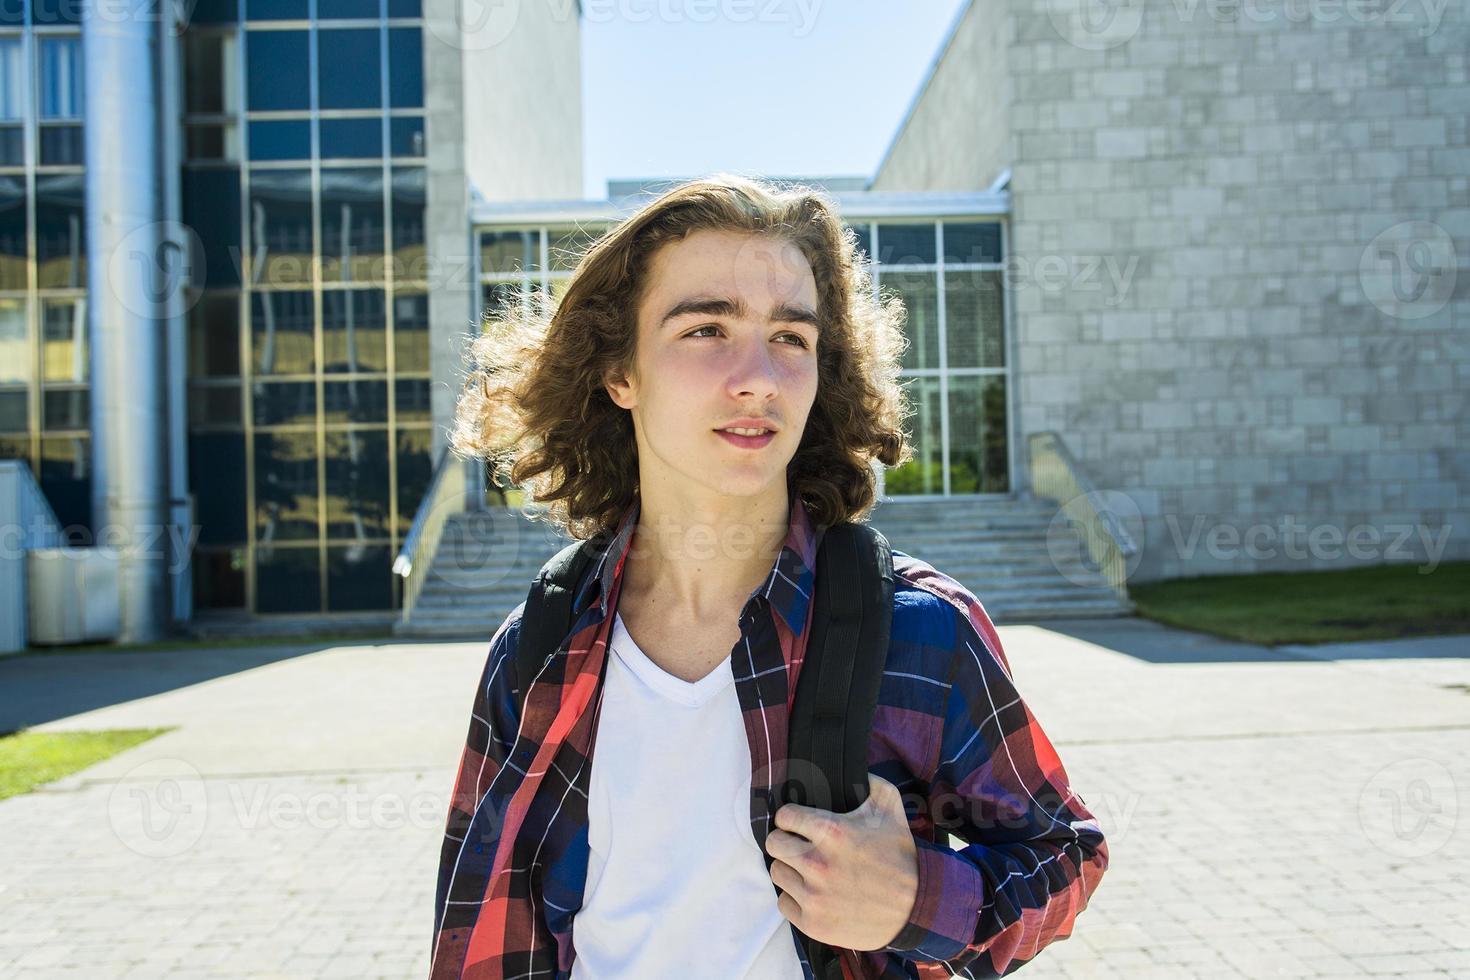 junger hübscher männlicher Student am College, im Freien foto